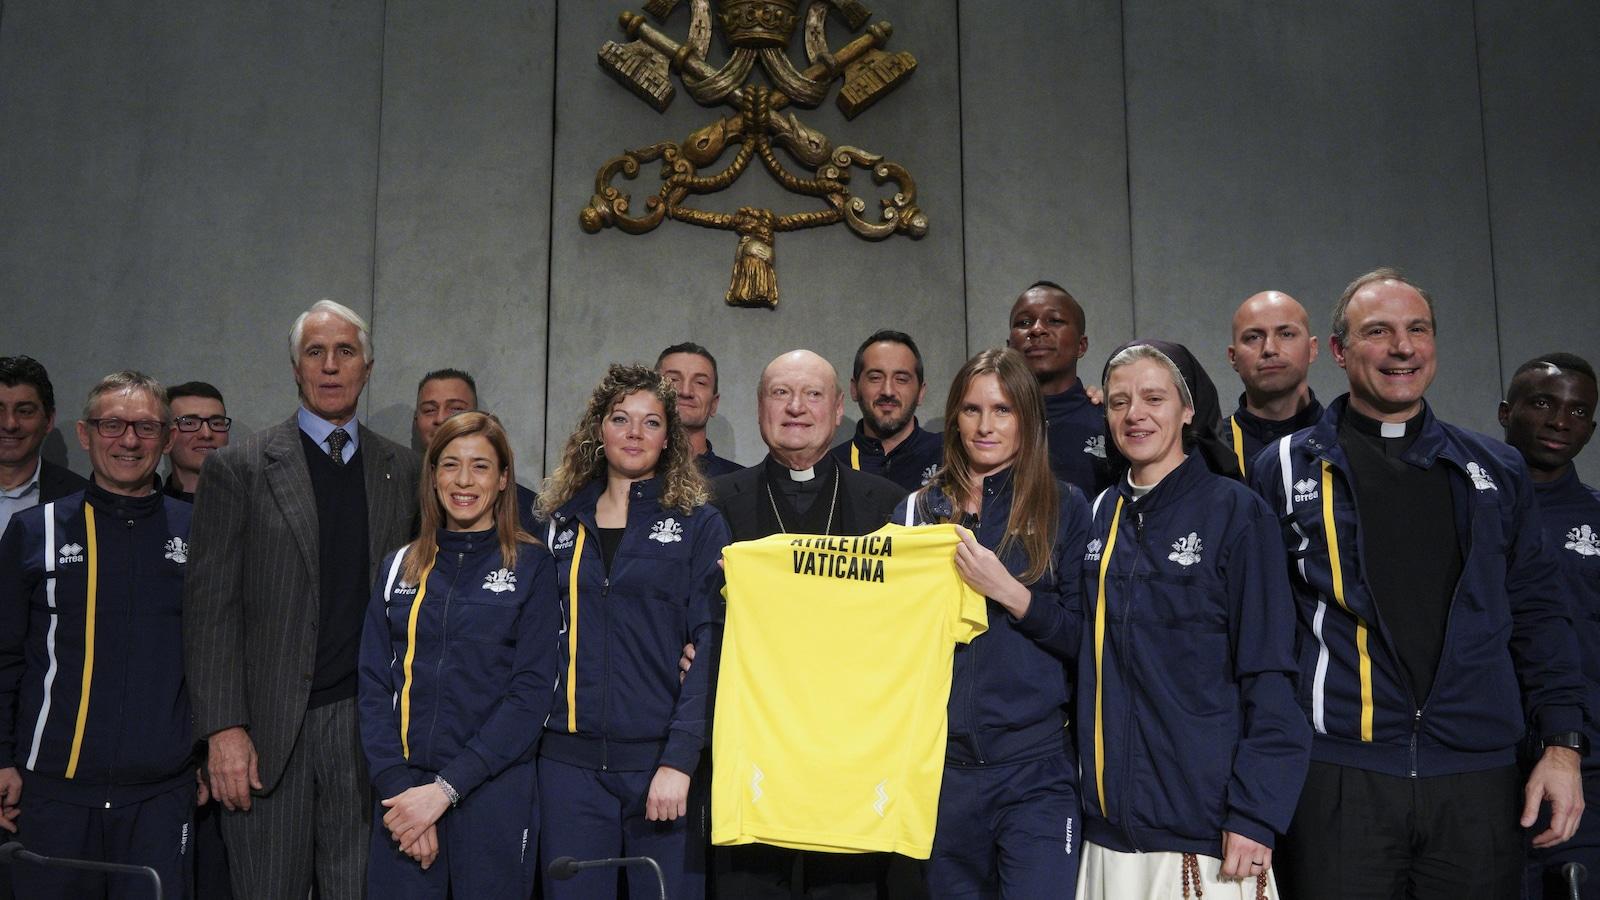 Le Vatican fonde une équipe d'athlétisme afin de concourir aux quatre coins du monde.